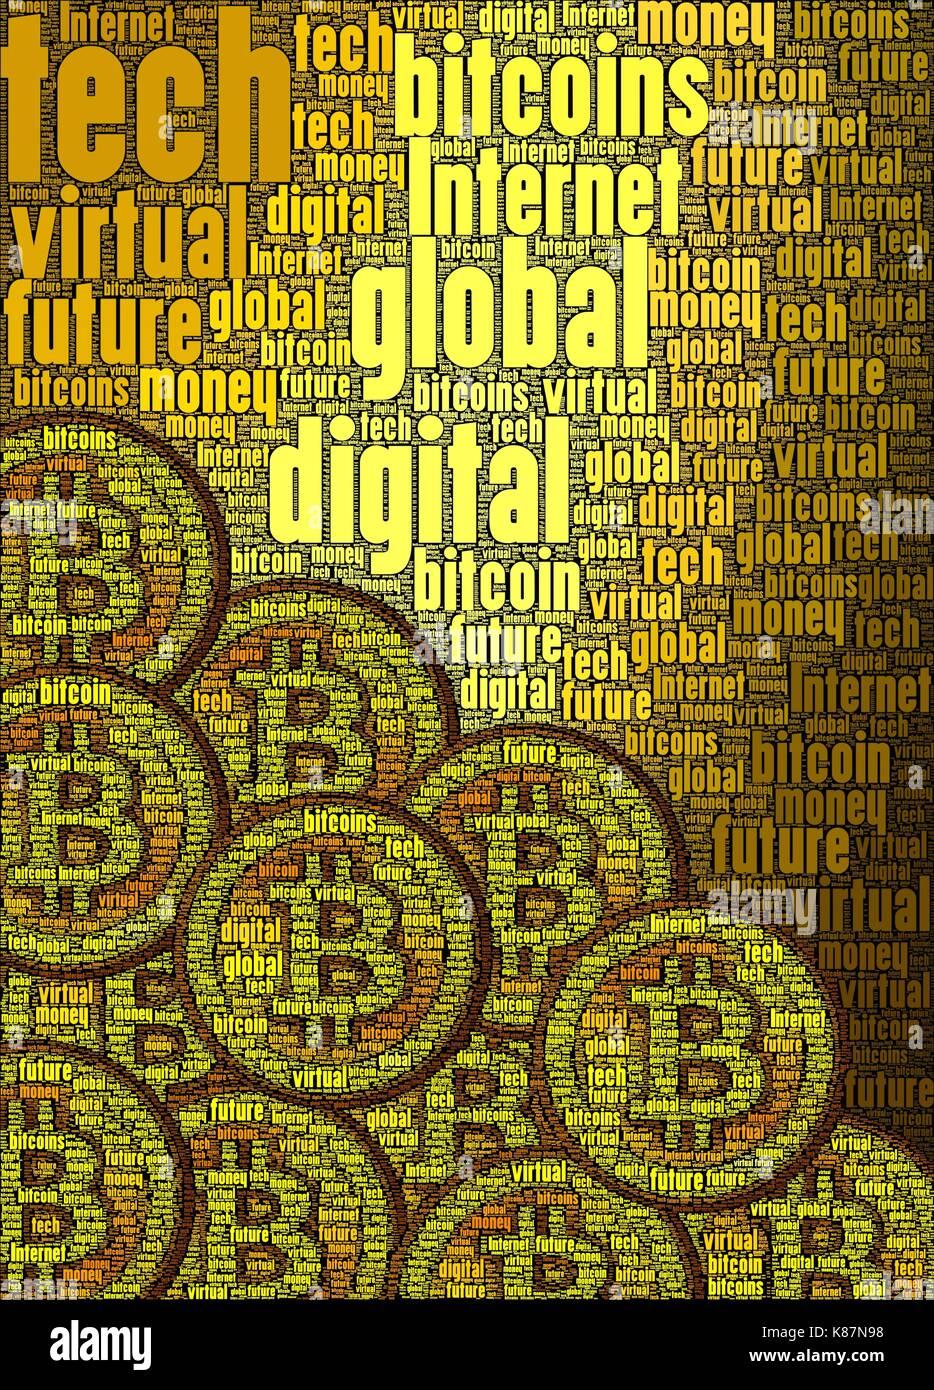 Concept art bitcoin fait uniquement à l'aide de mots sur le sujet, à la verticale. Photo Stock